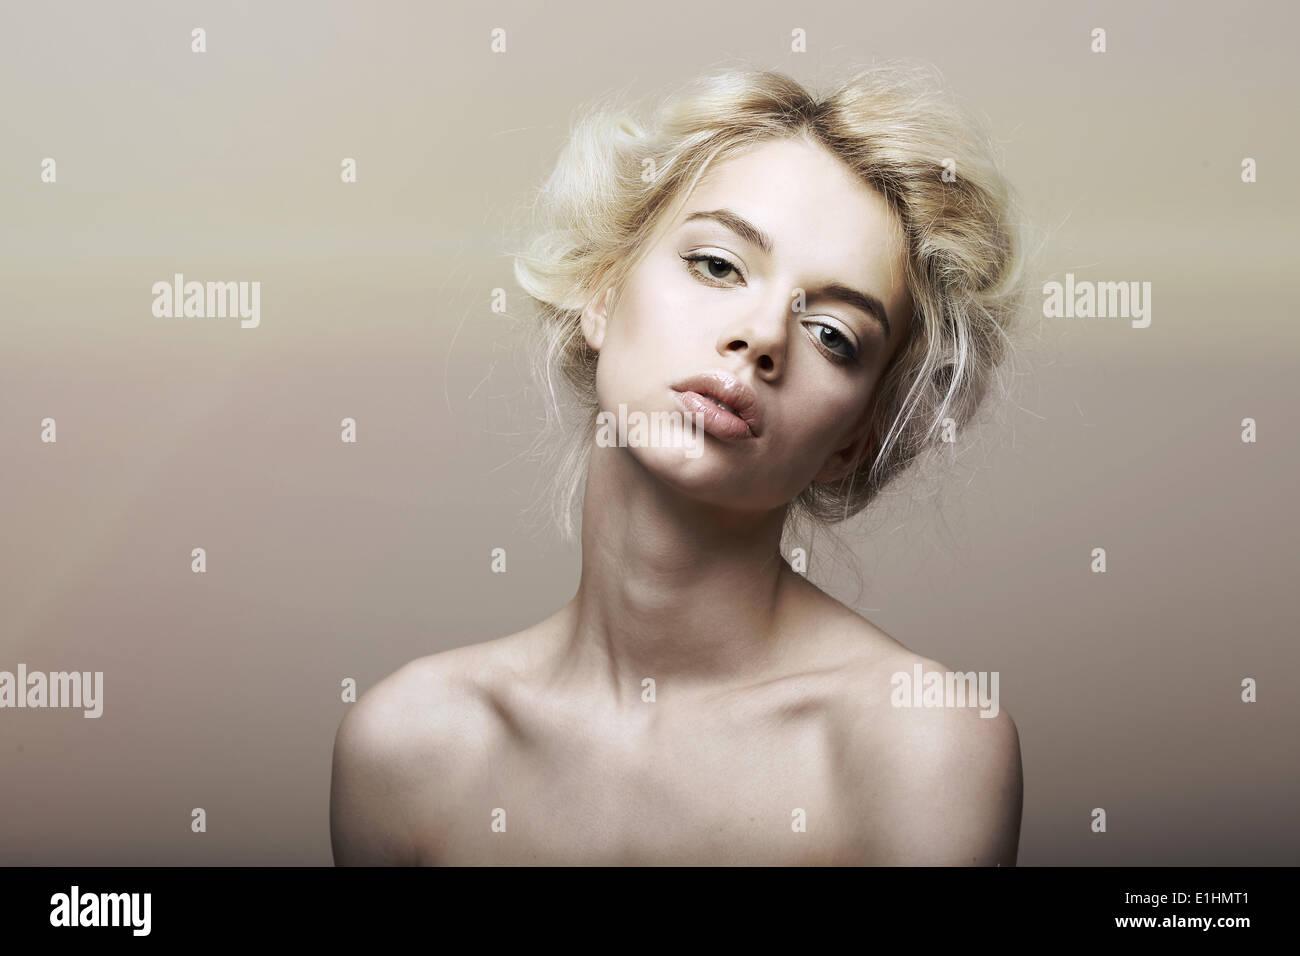 Carattere. Individualità. Genuine sentimentale capelli biondi donna sogna Immagini Stock